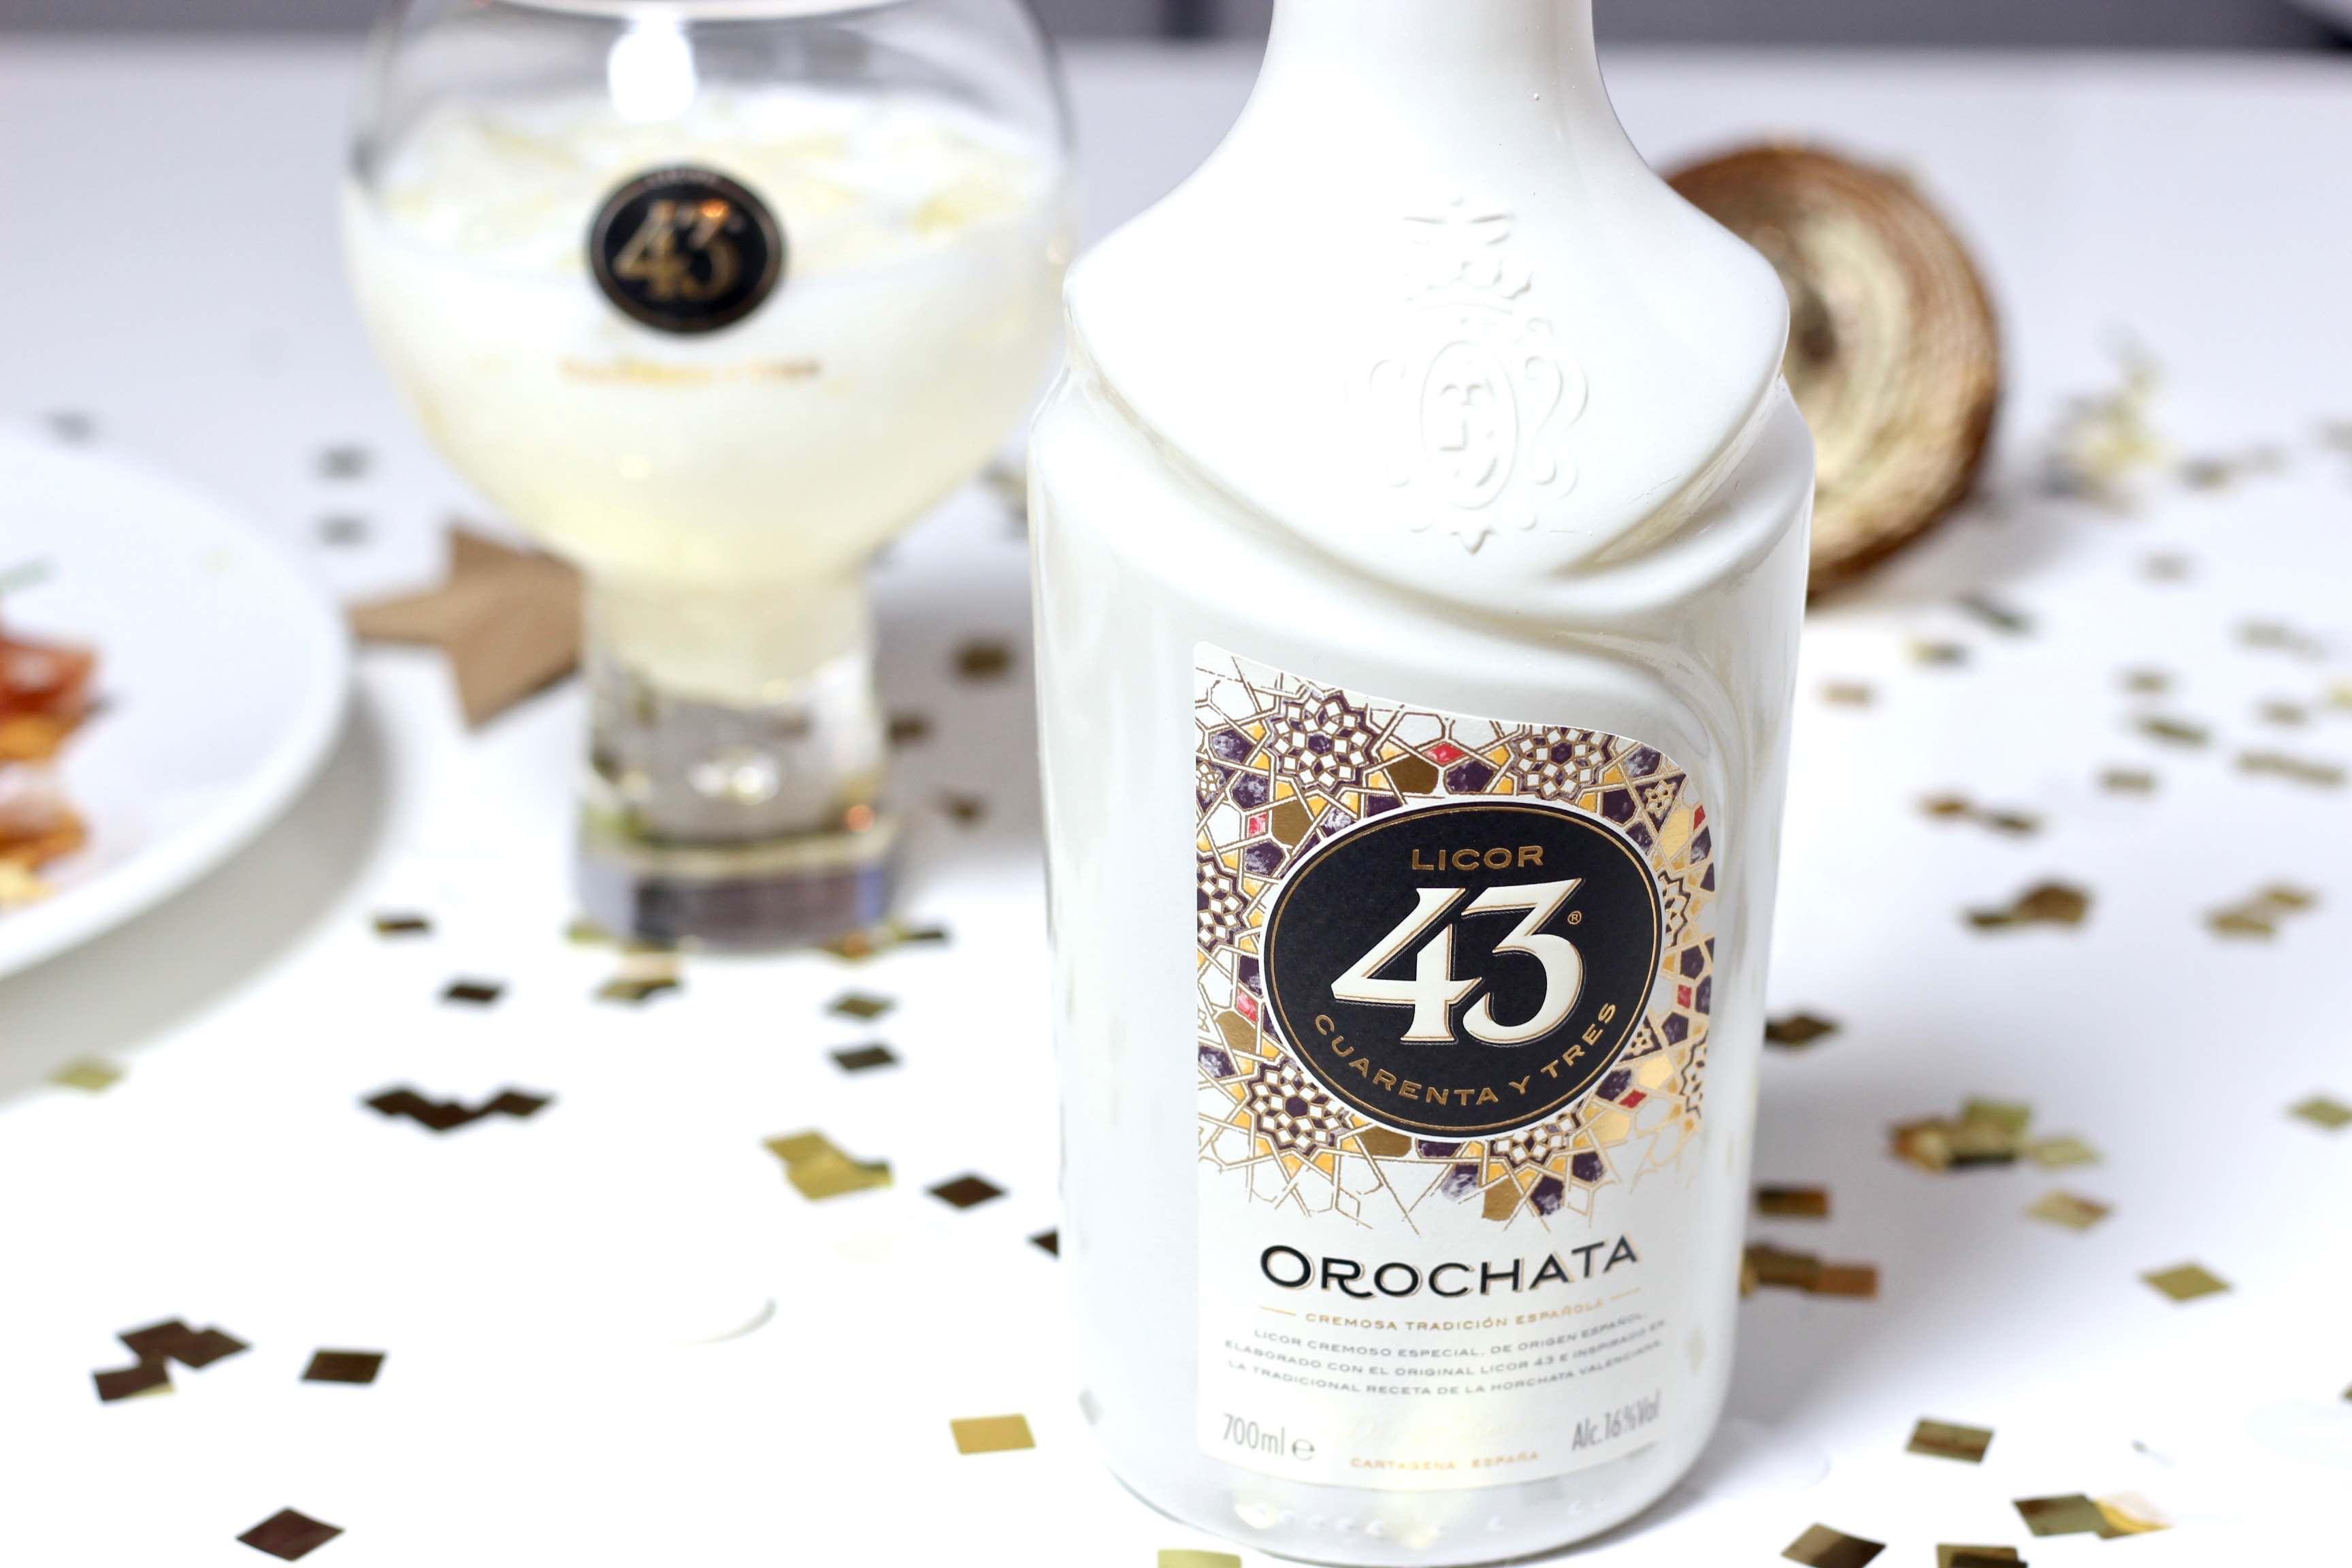 licor-43-orochata